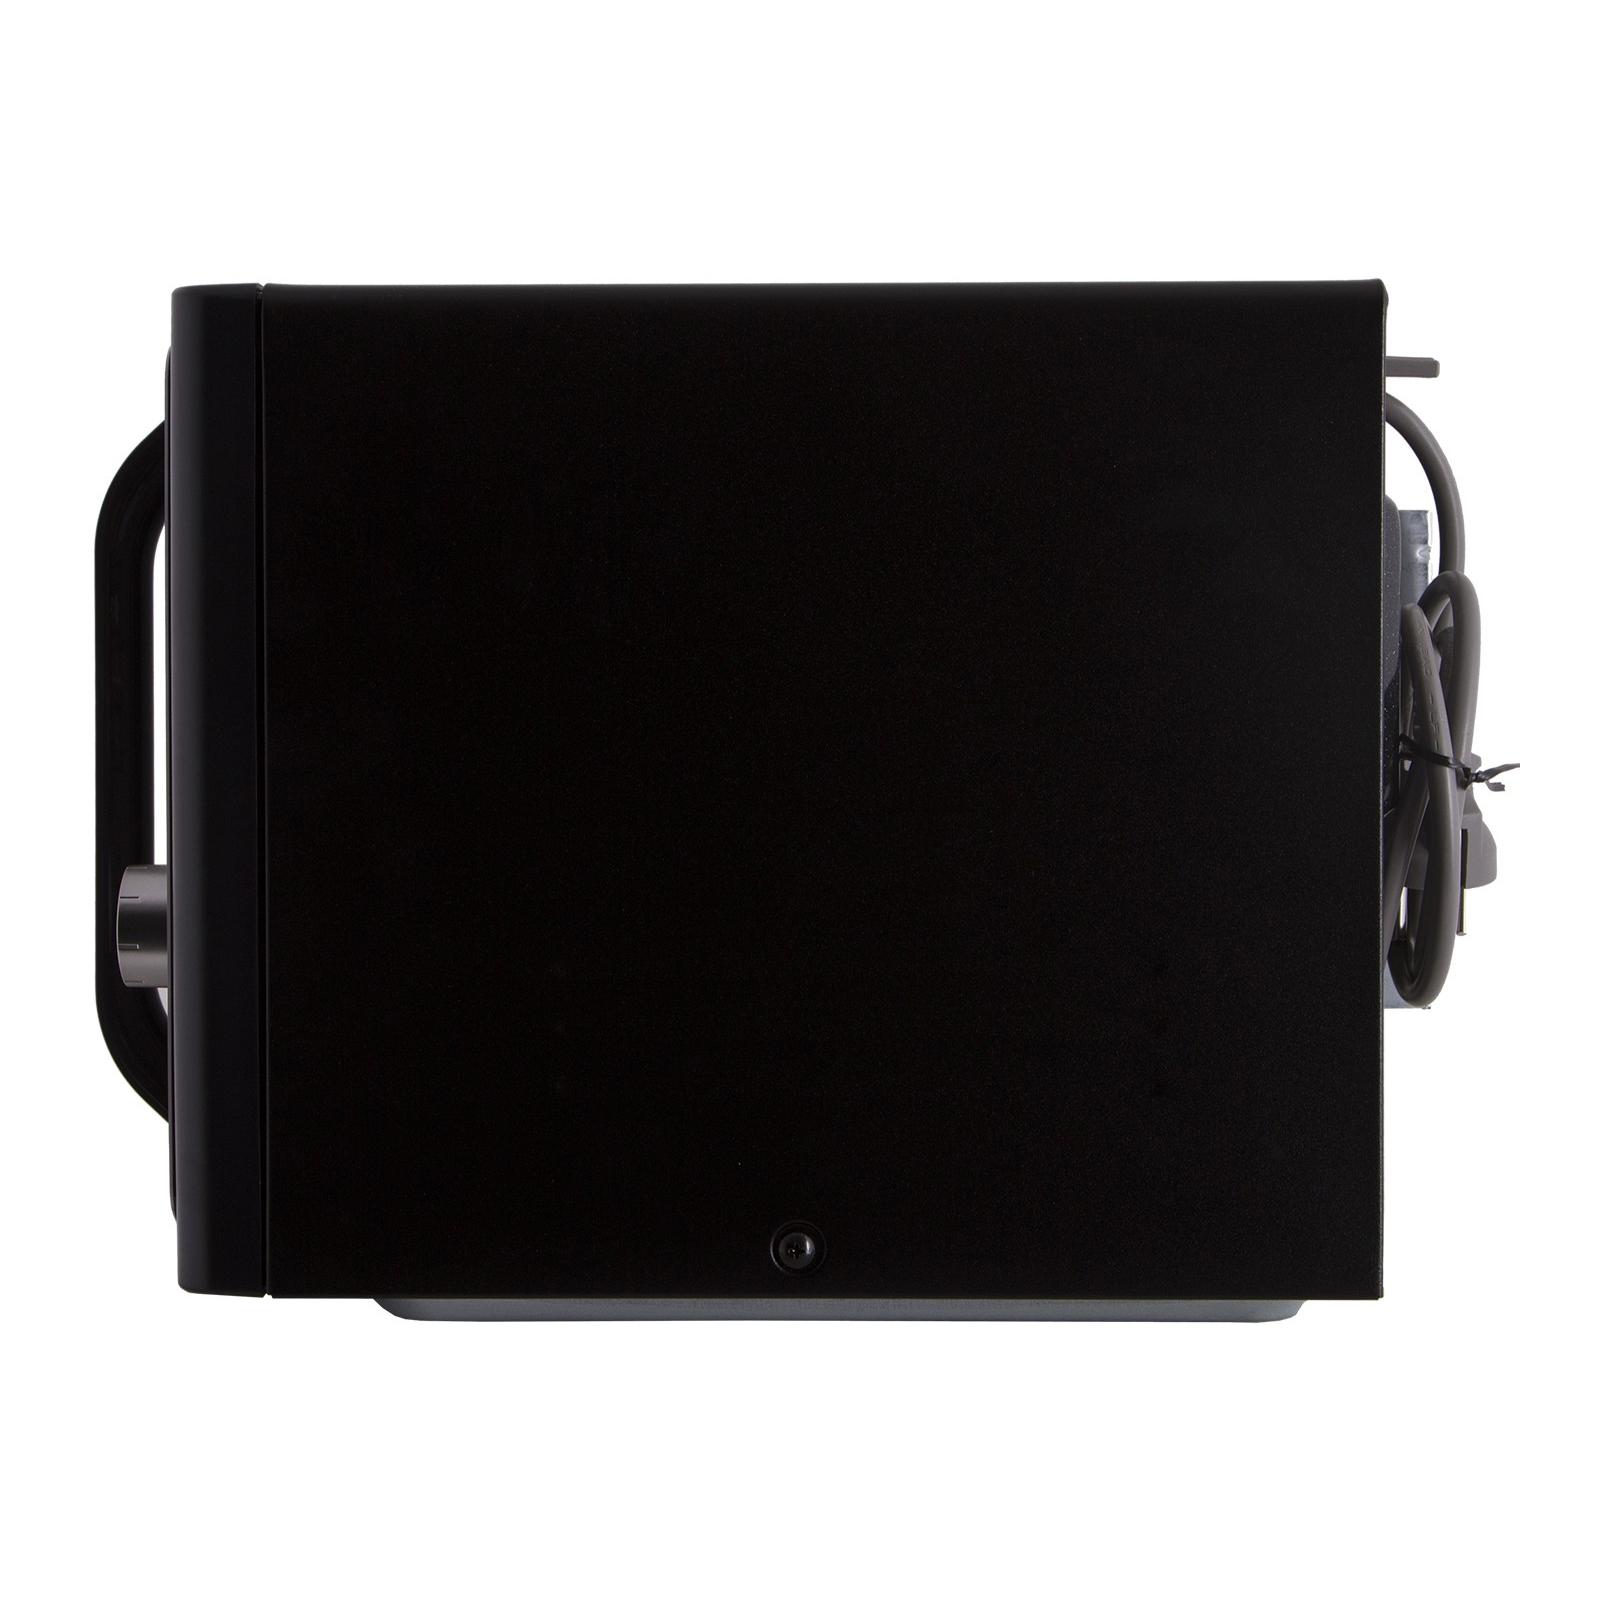 Микроволновая печь Samsung MG23F302TAK/BW изображение 3